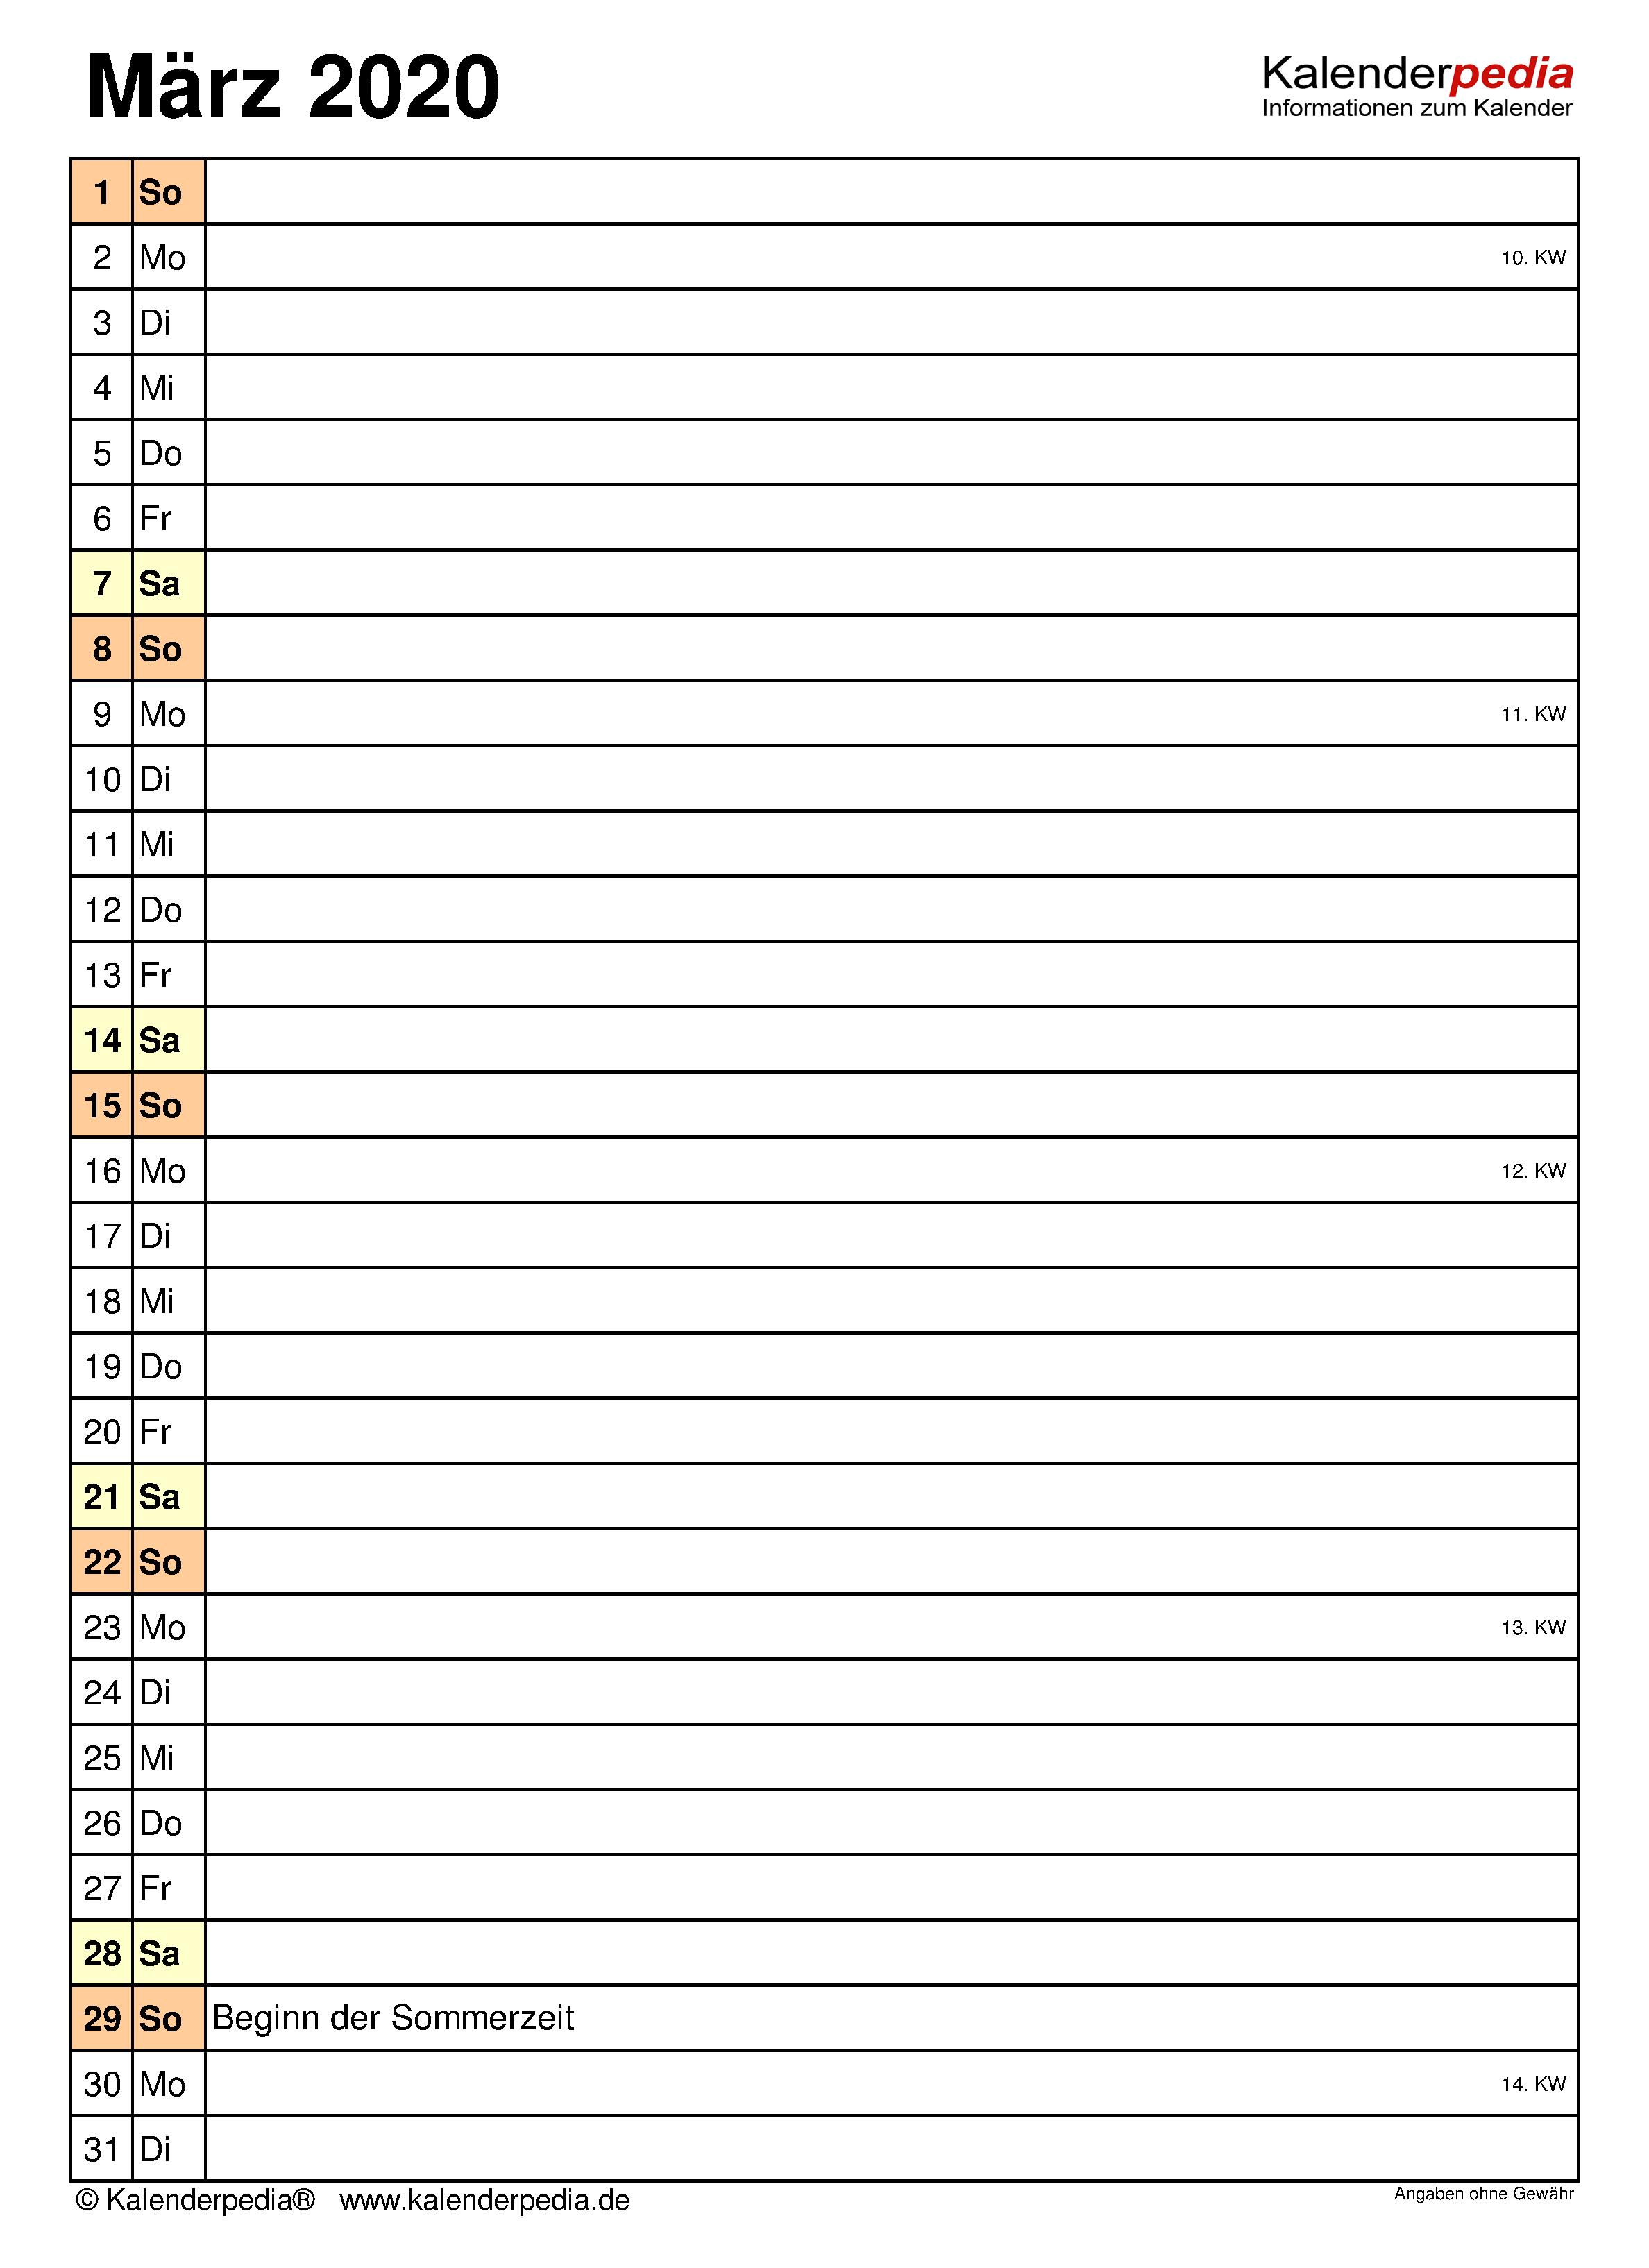 kalender märz 2020 zum ausdrucken